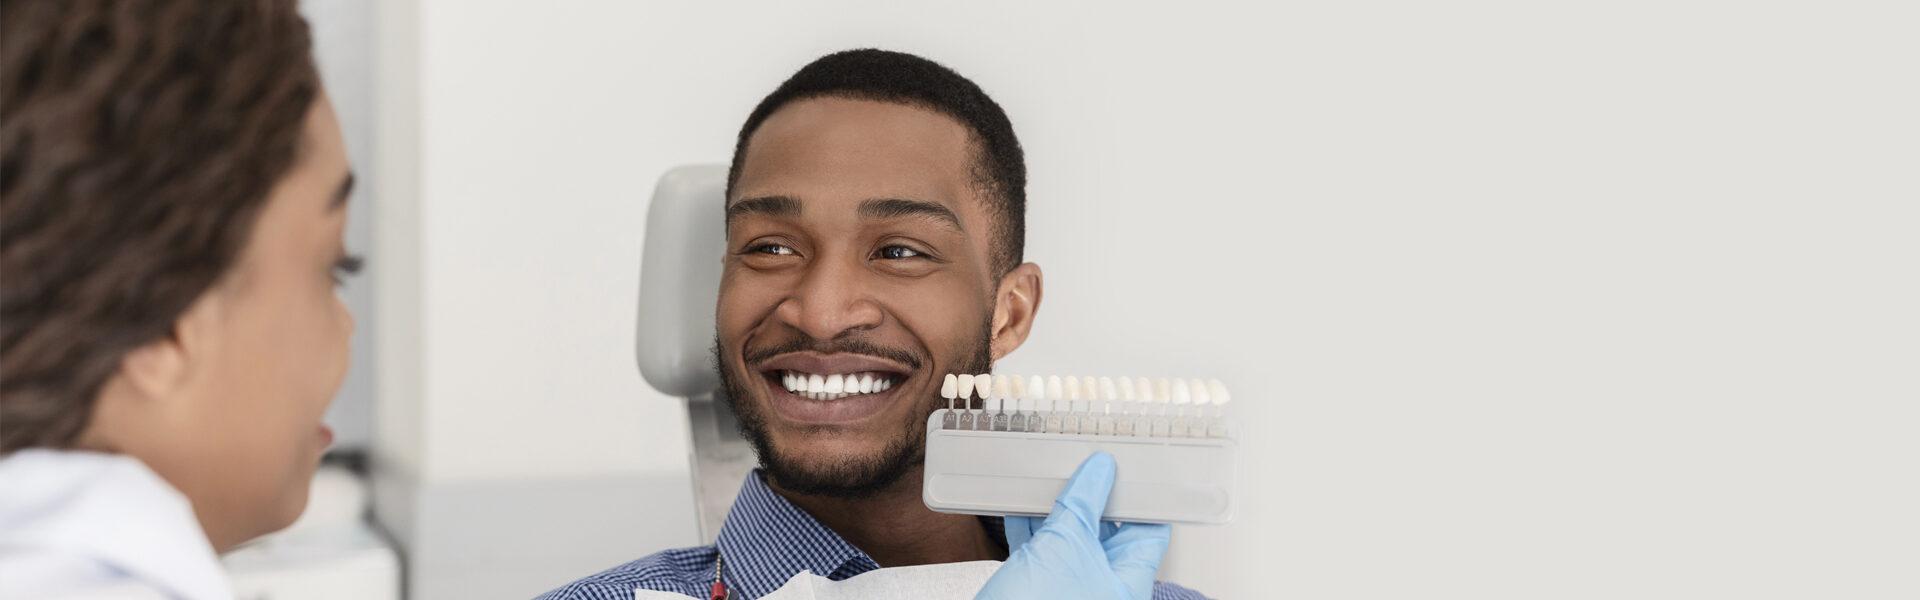 Dental Veneers in Richmond Hill, ON